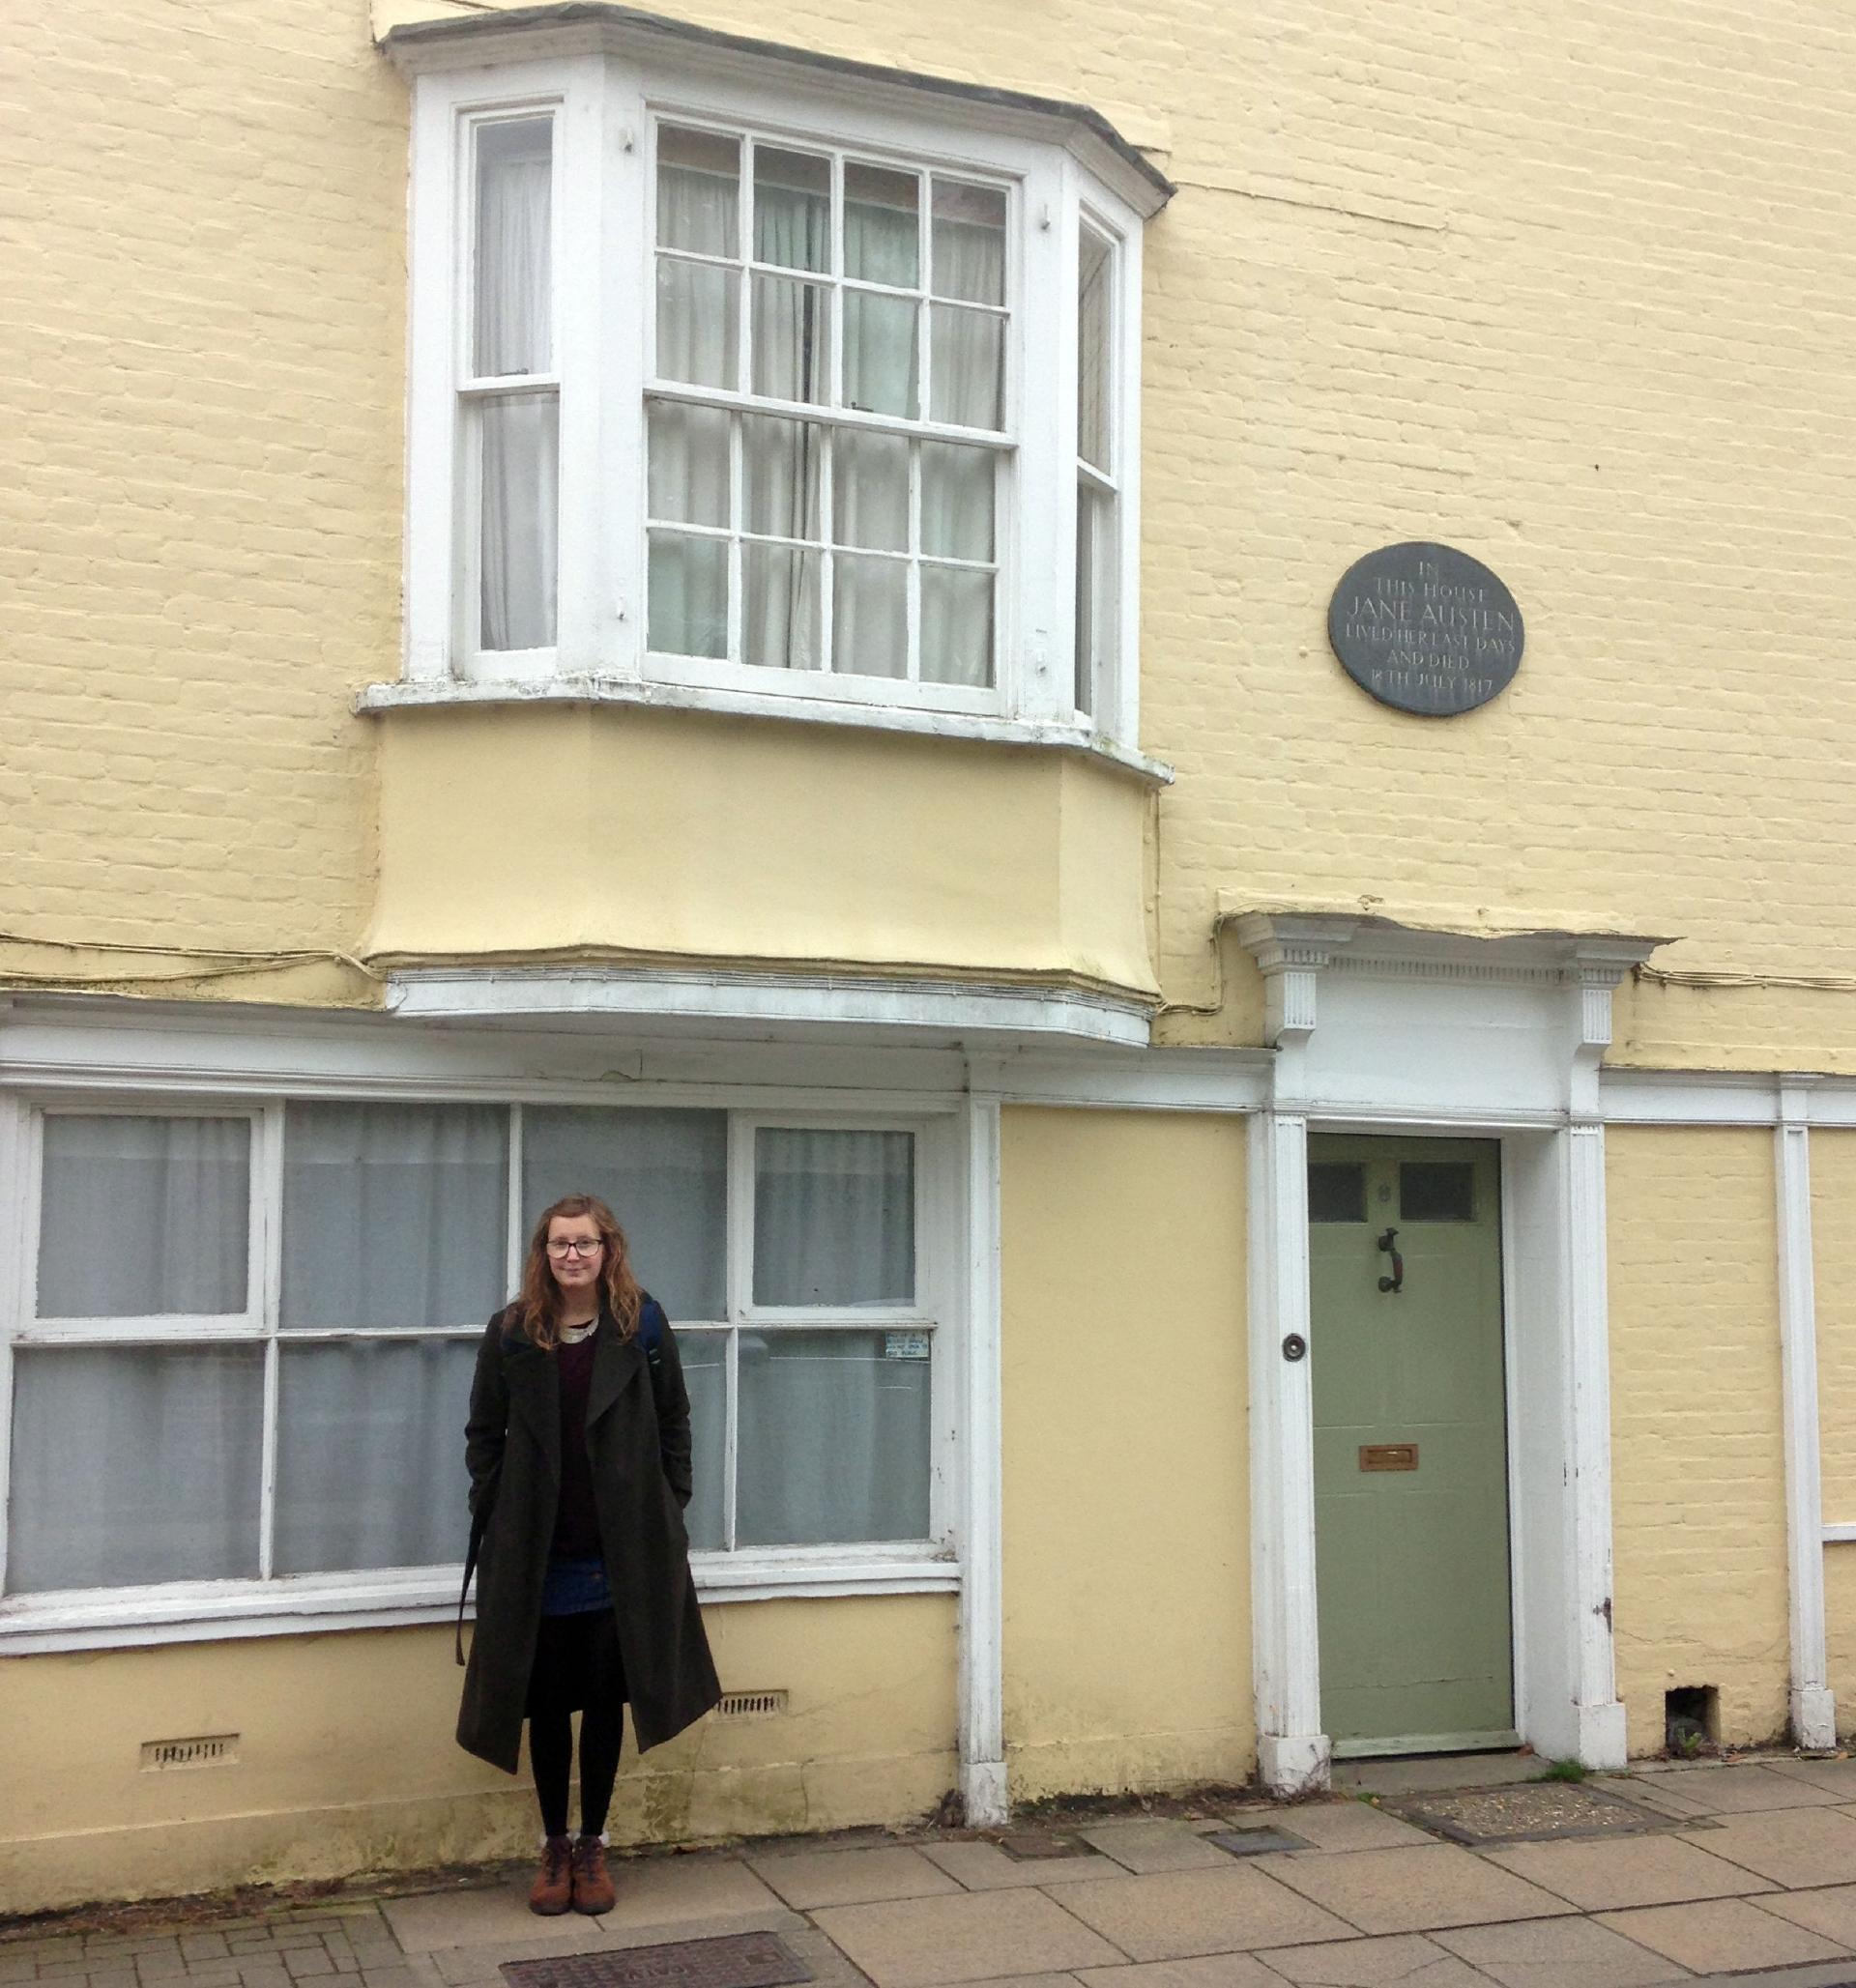 Ella outside Jane Austen's house.